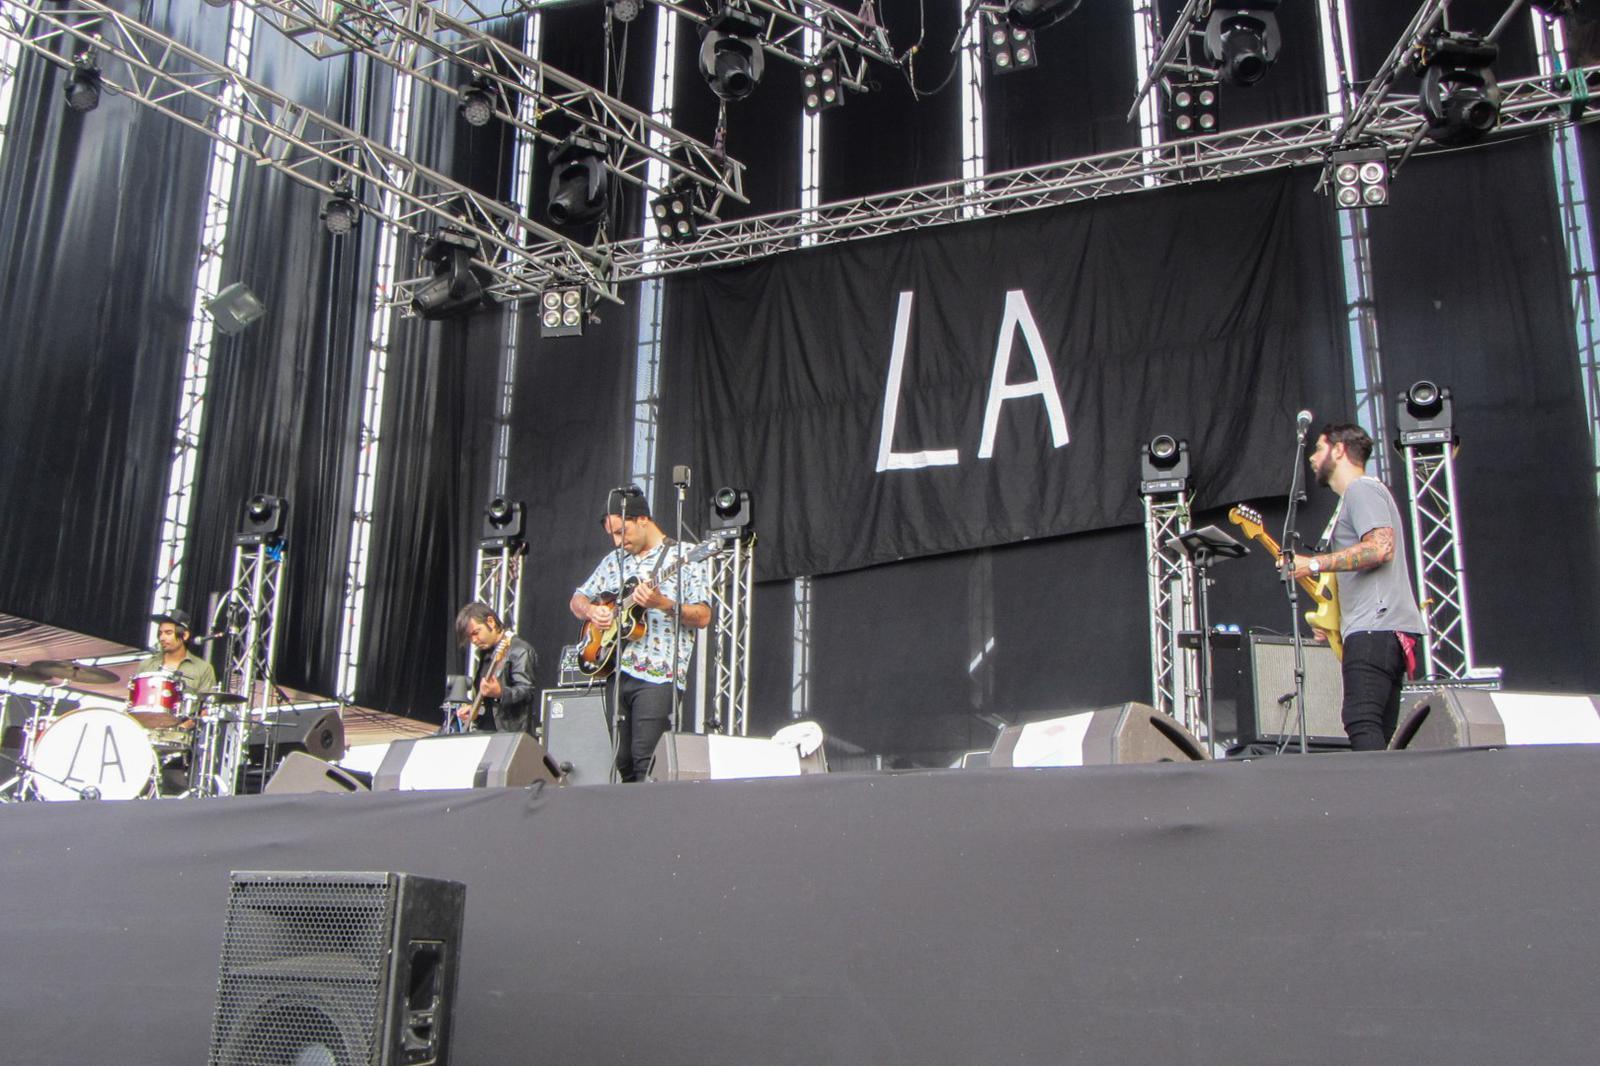 LA 101 sun festival